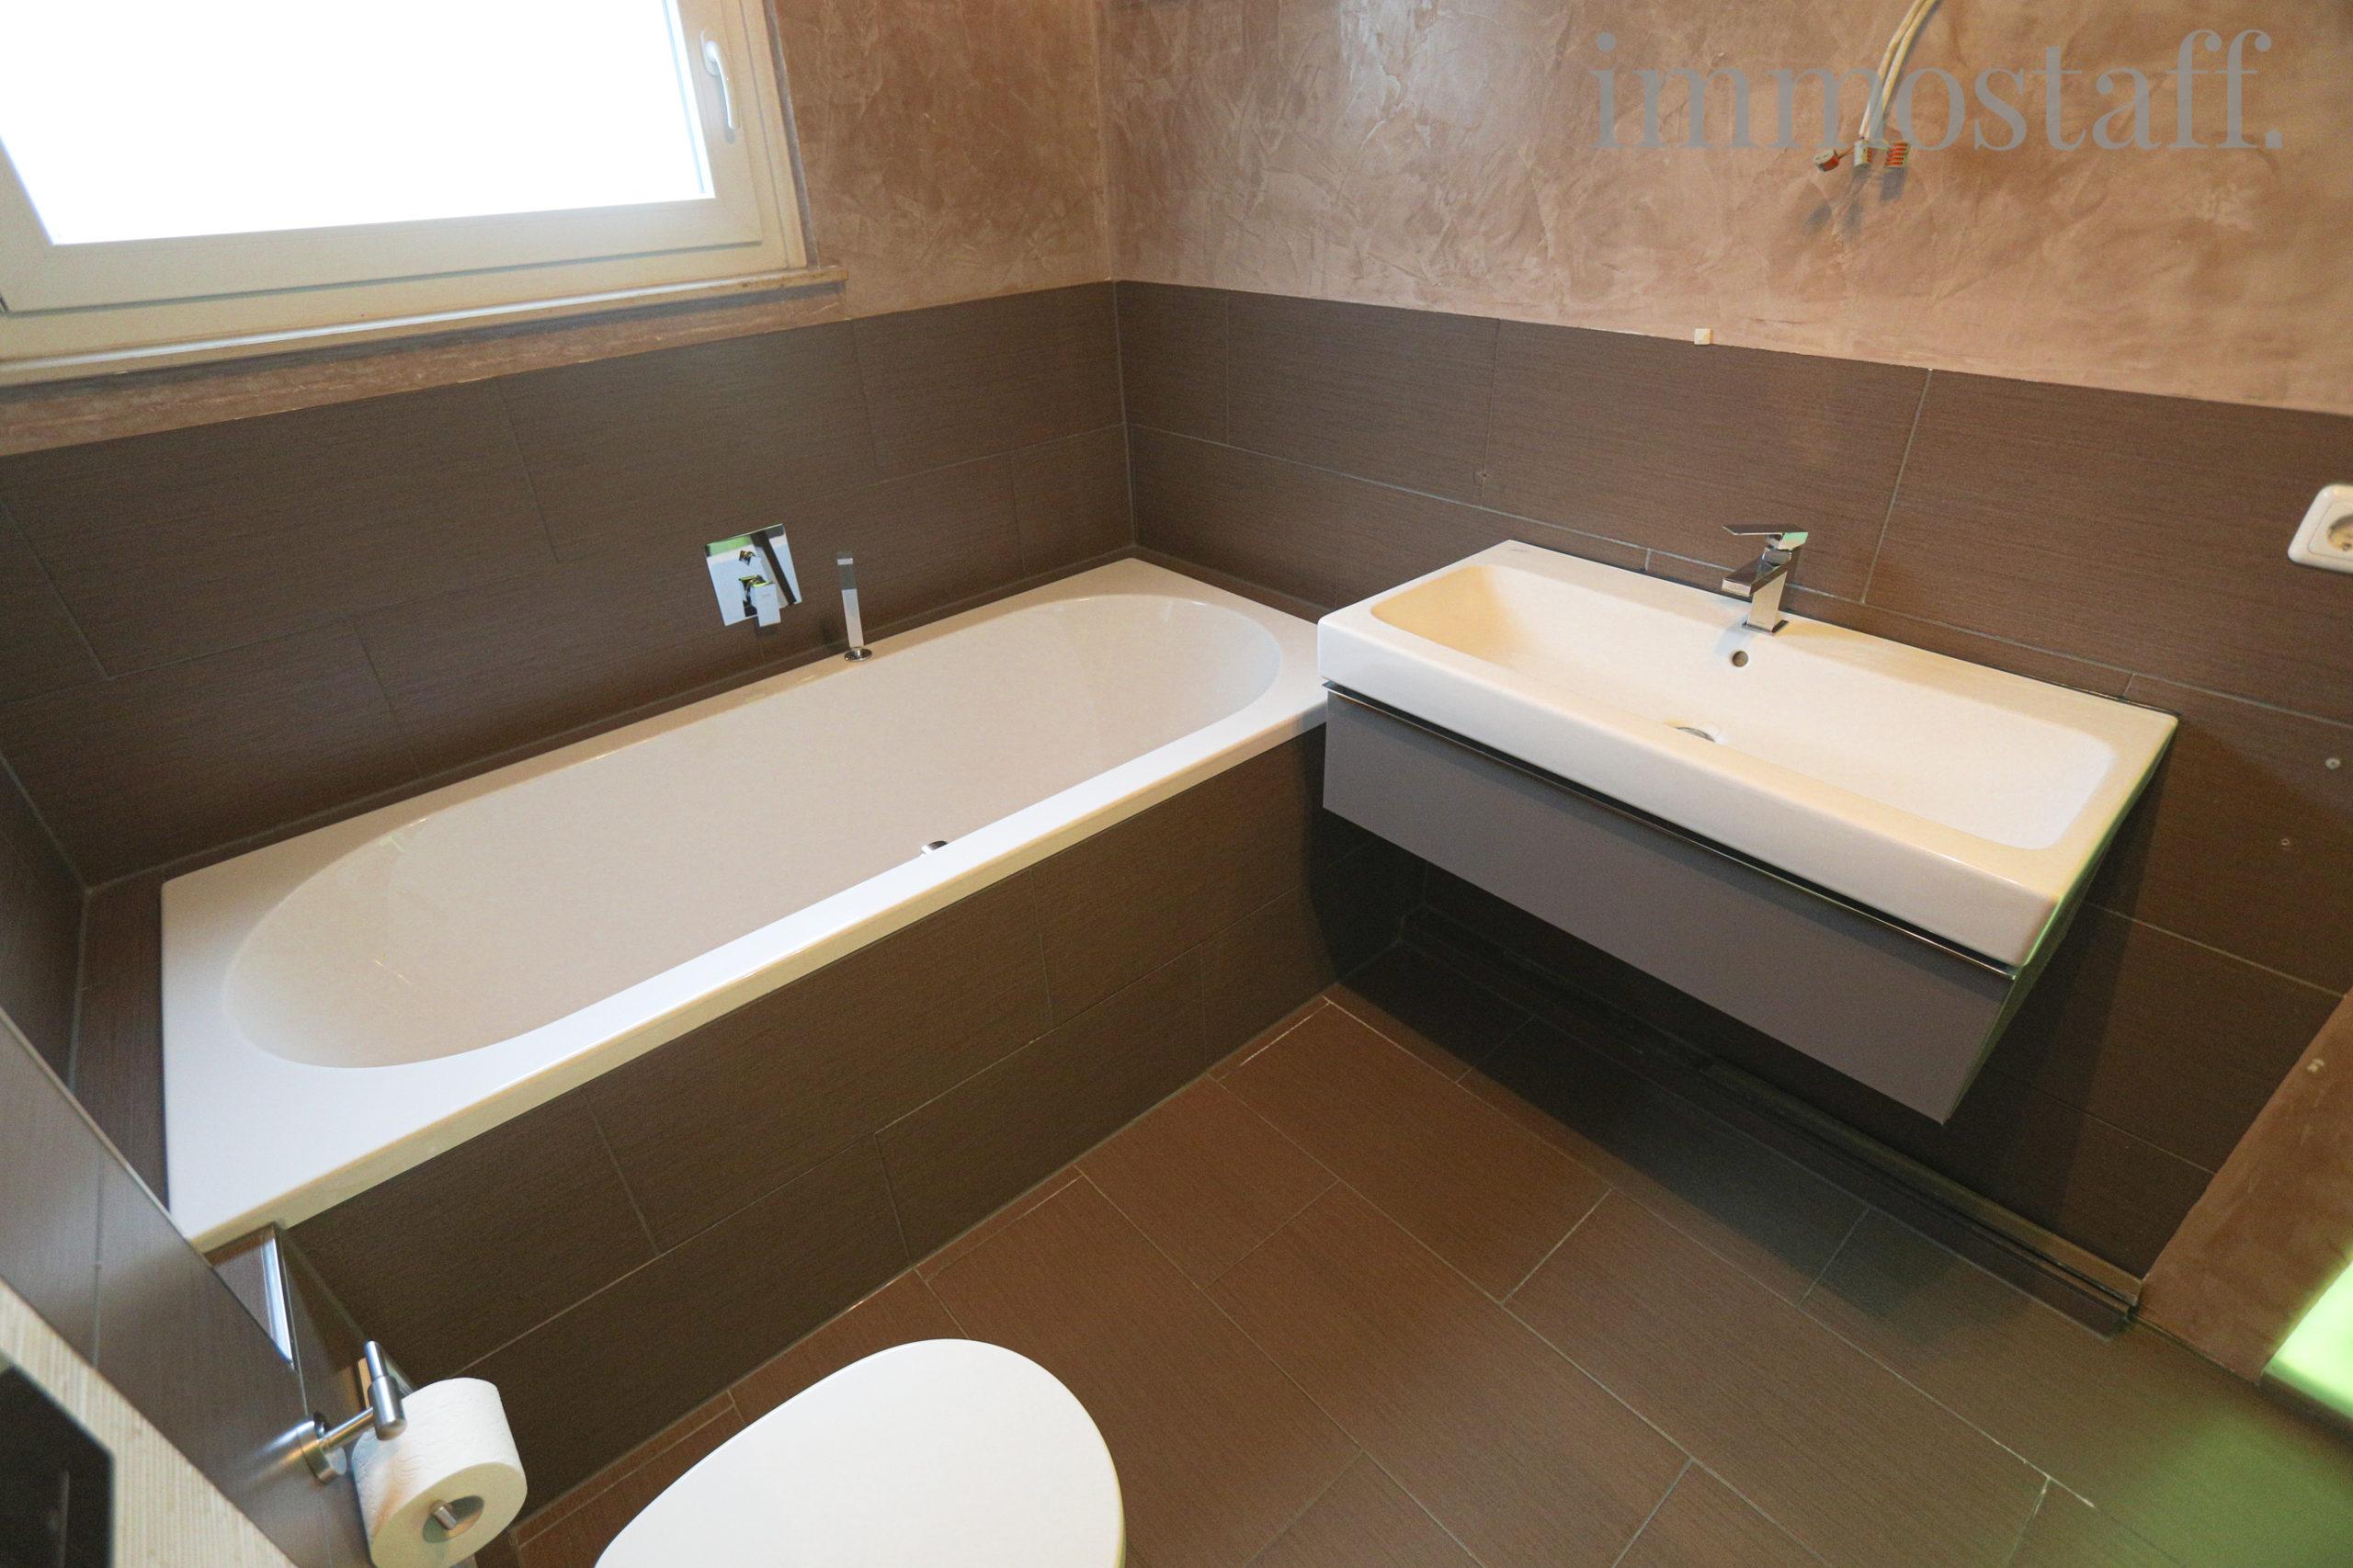 Badezimmer im DG Ansicht 2